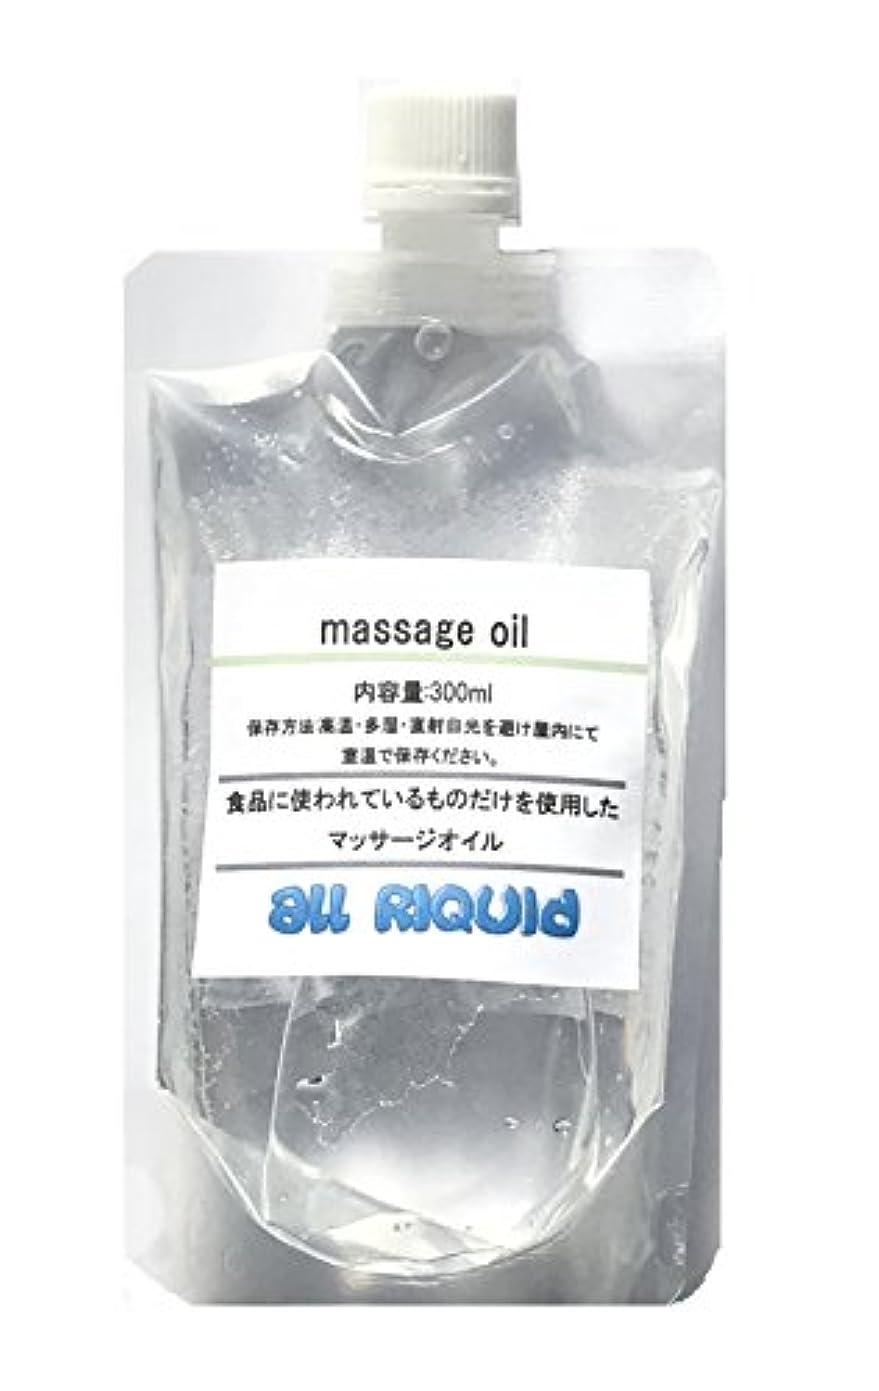 同様にフクロウ生きている(国産) 食品に使われているものしか入っていないアロママッサージオイル あま~い バニラ オールリキッド 300ml (グリセリン クエン酸) 配合 大容量